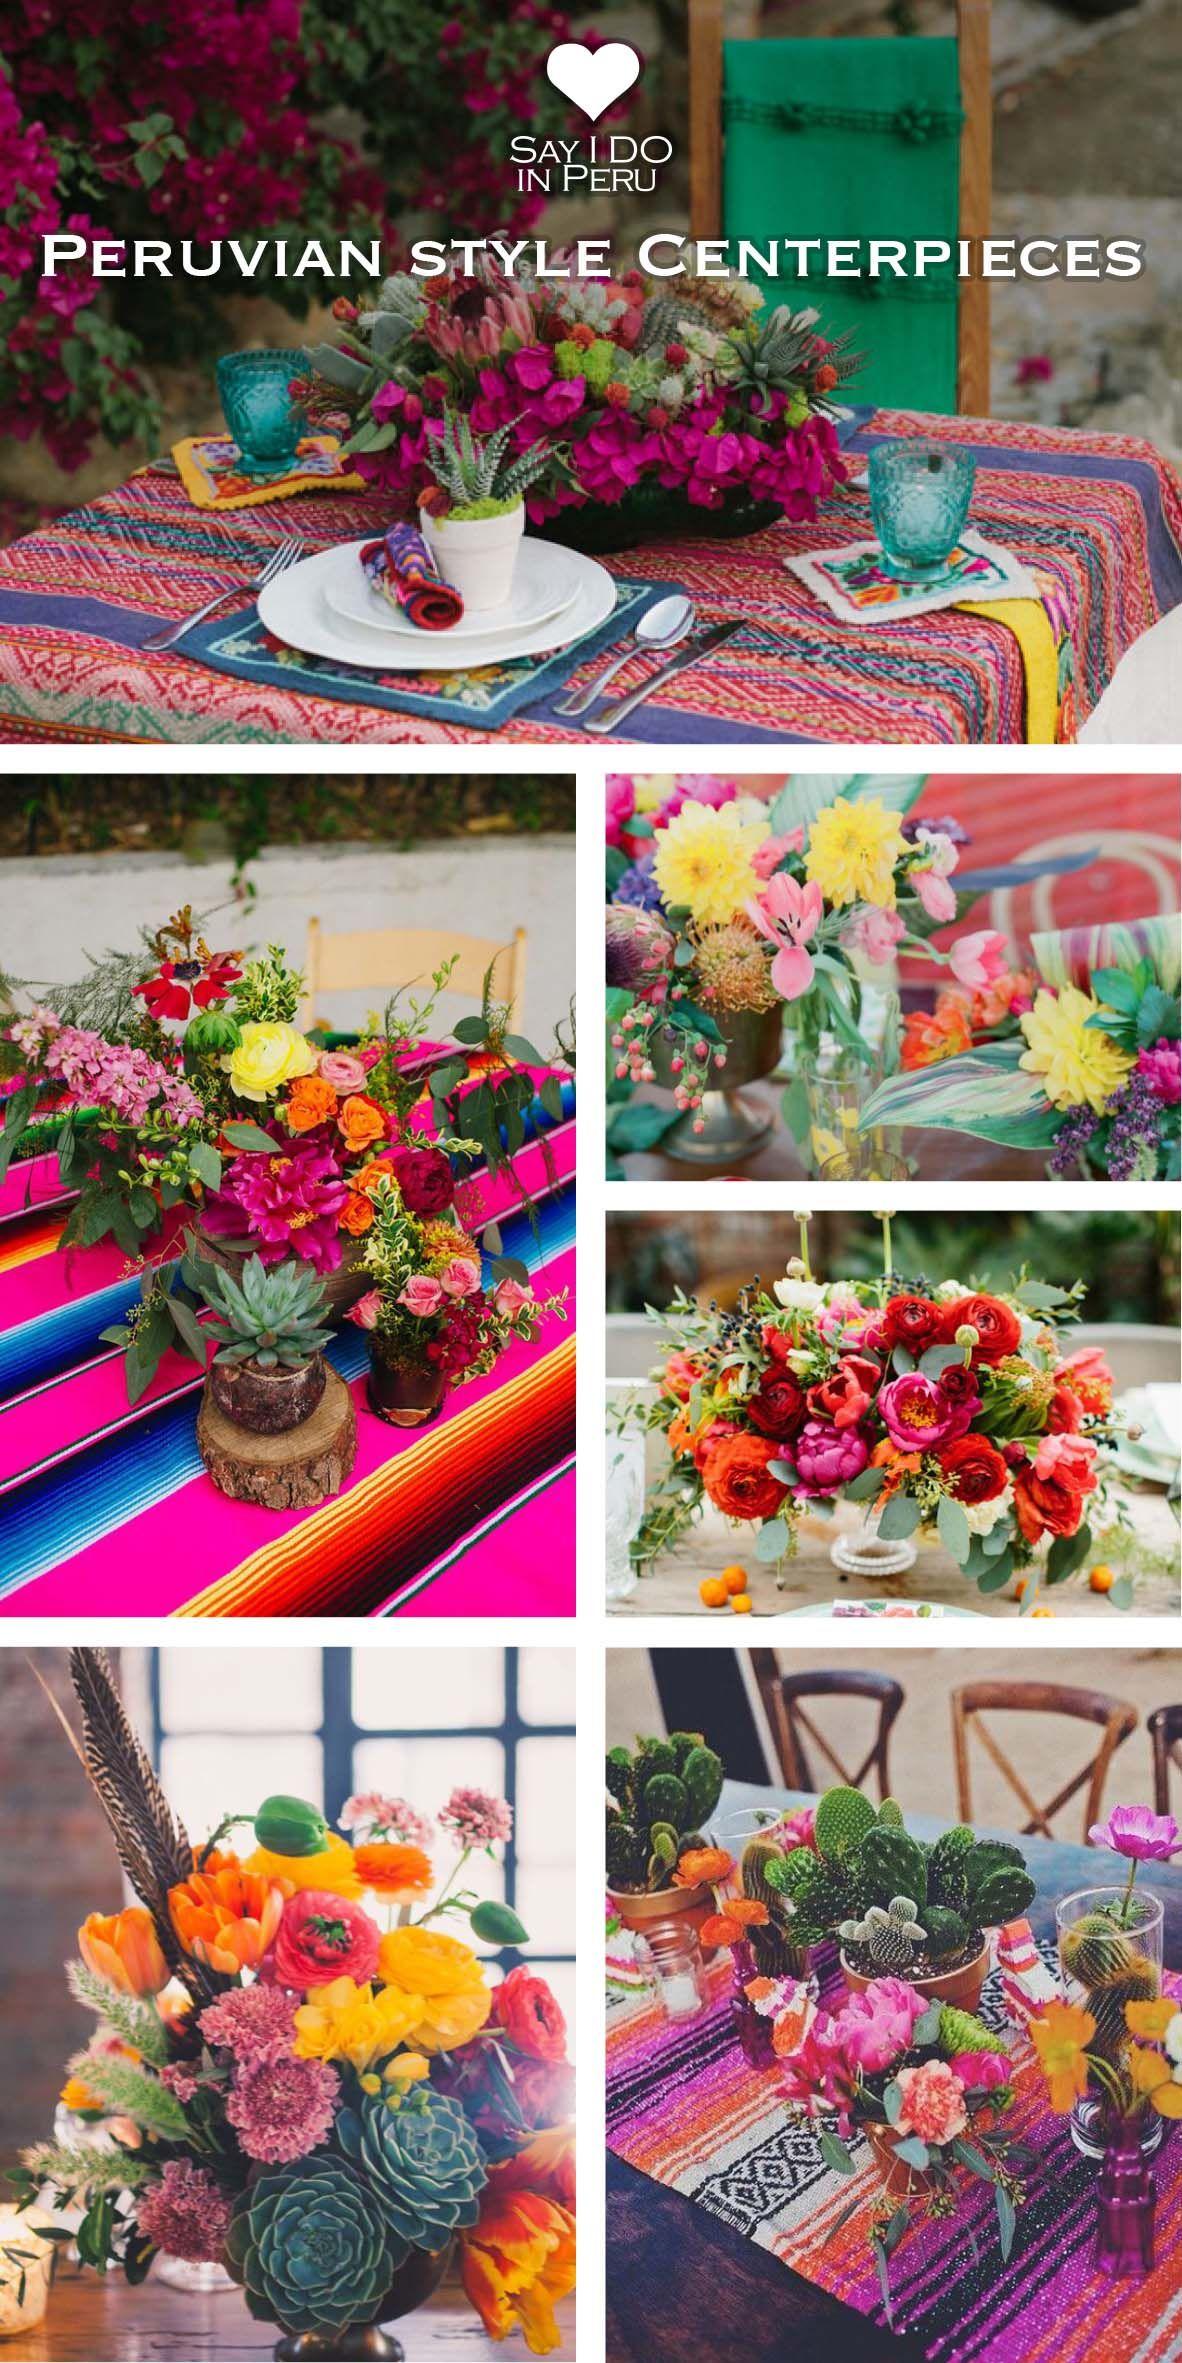 las decoraciones de boda inspiradas por Perú  b8b840de322